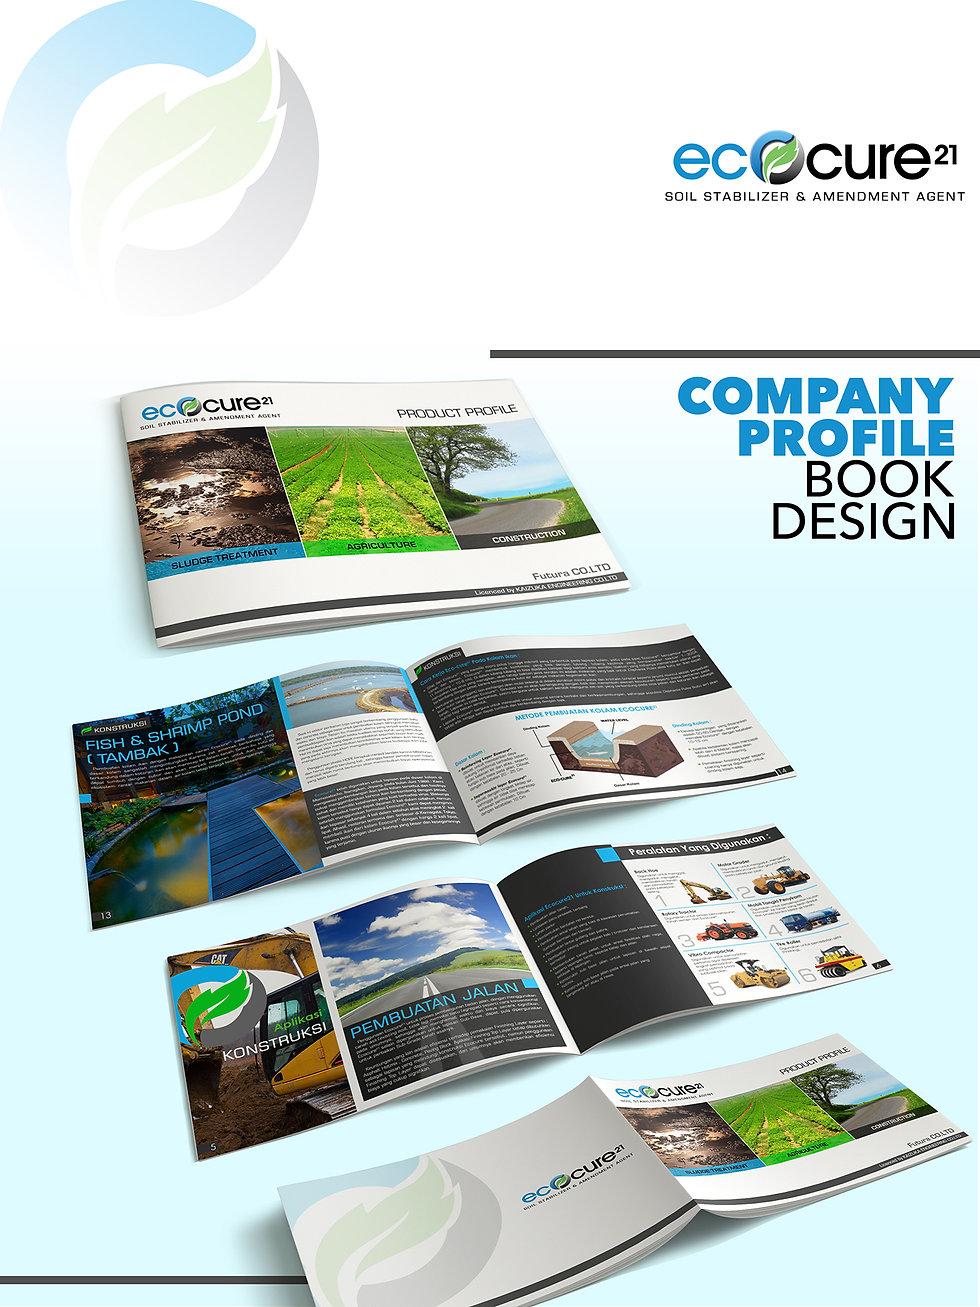 Jasa Pembuatan Company Profile, Desain Grafis Surabaya